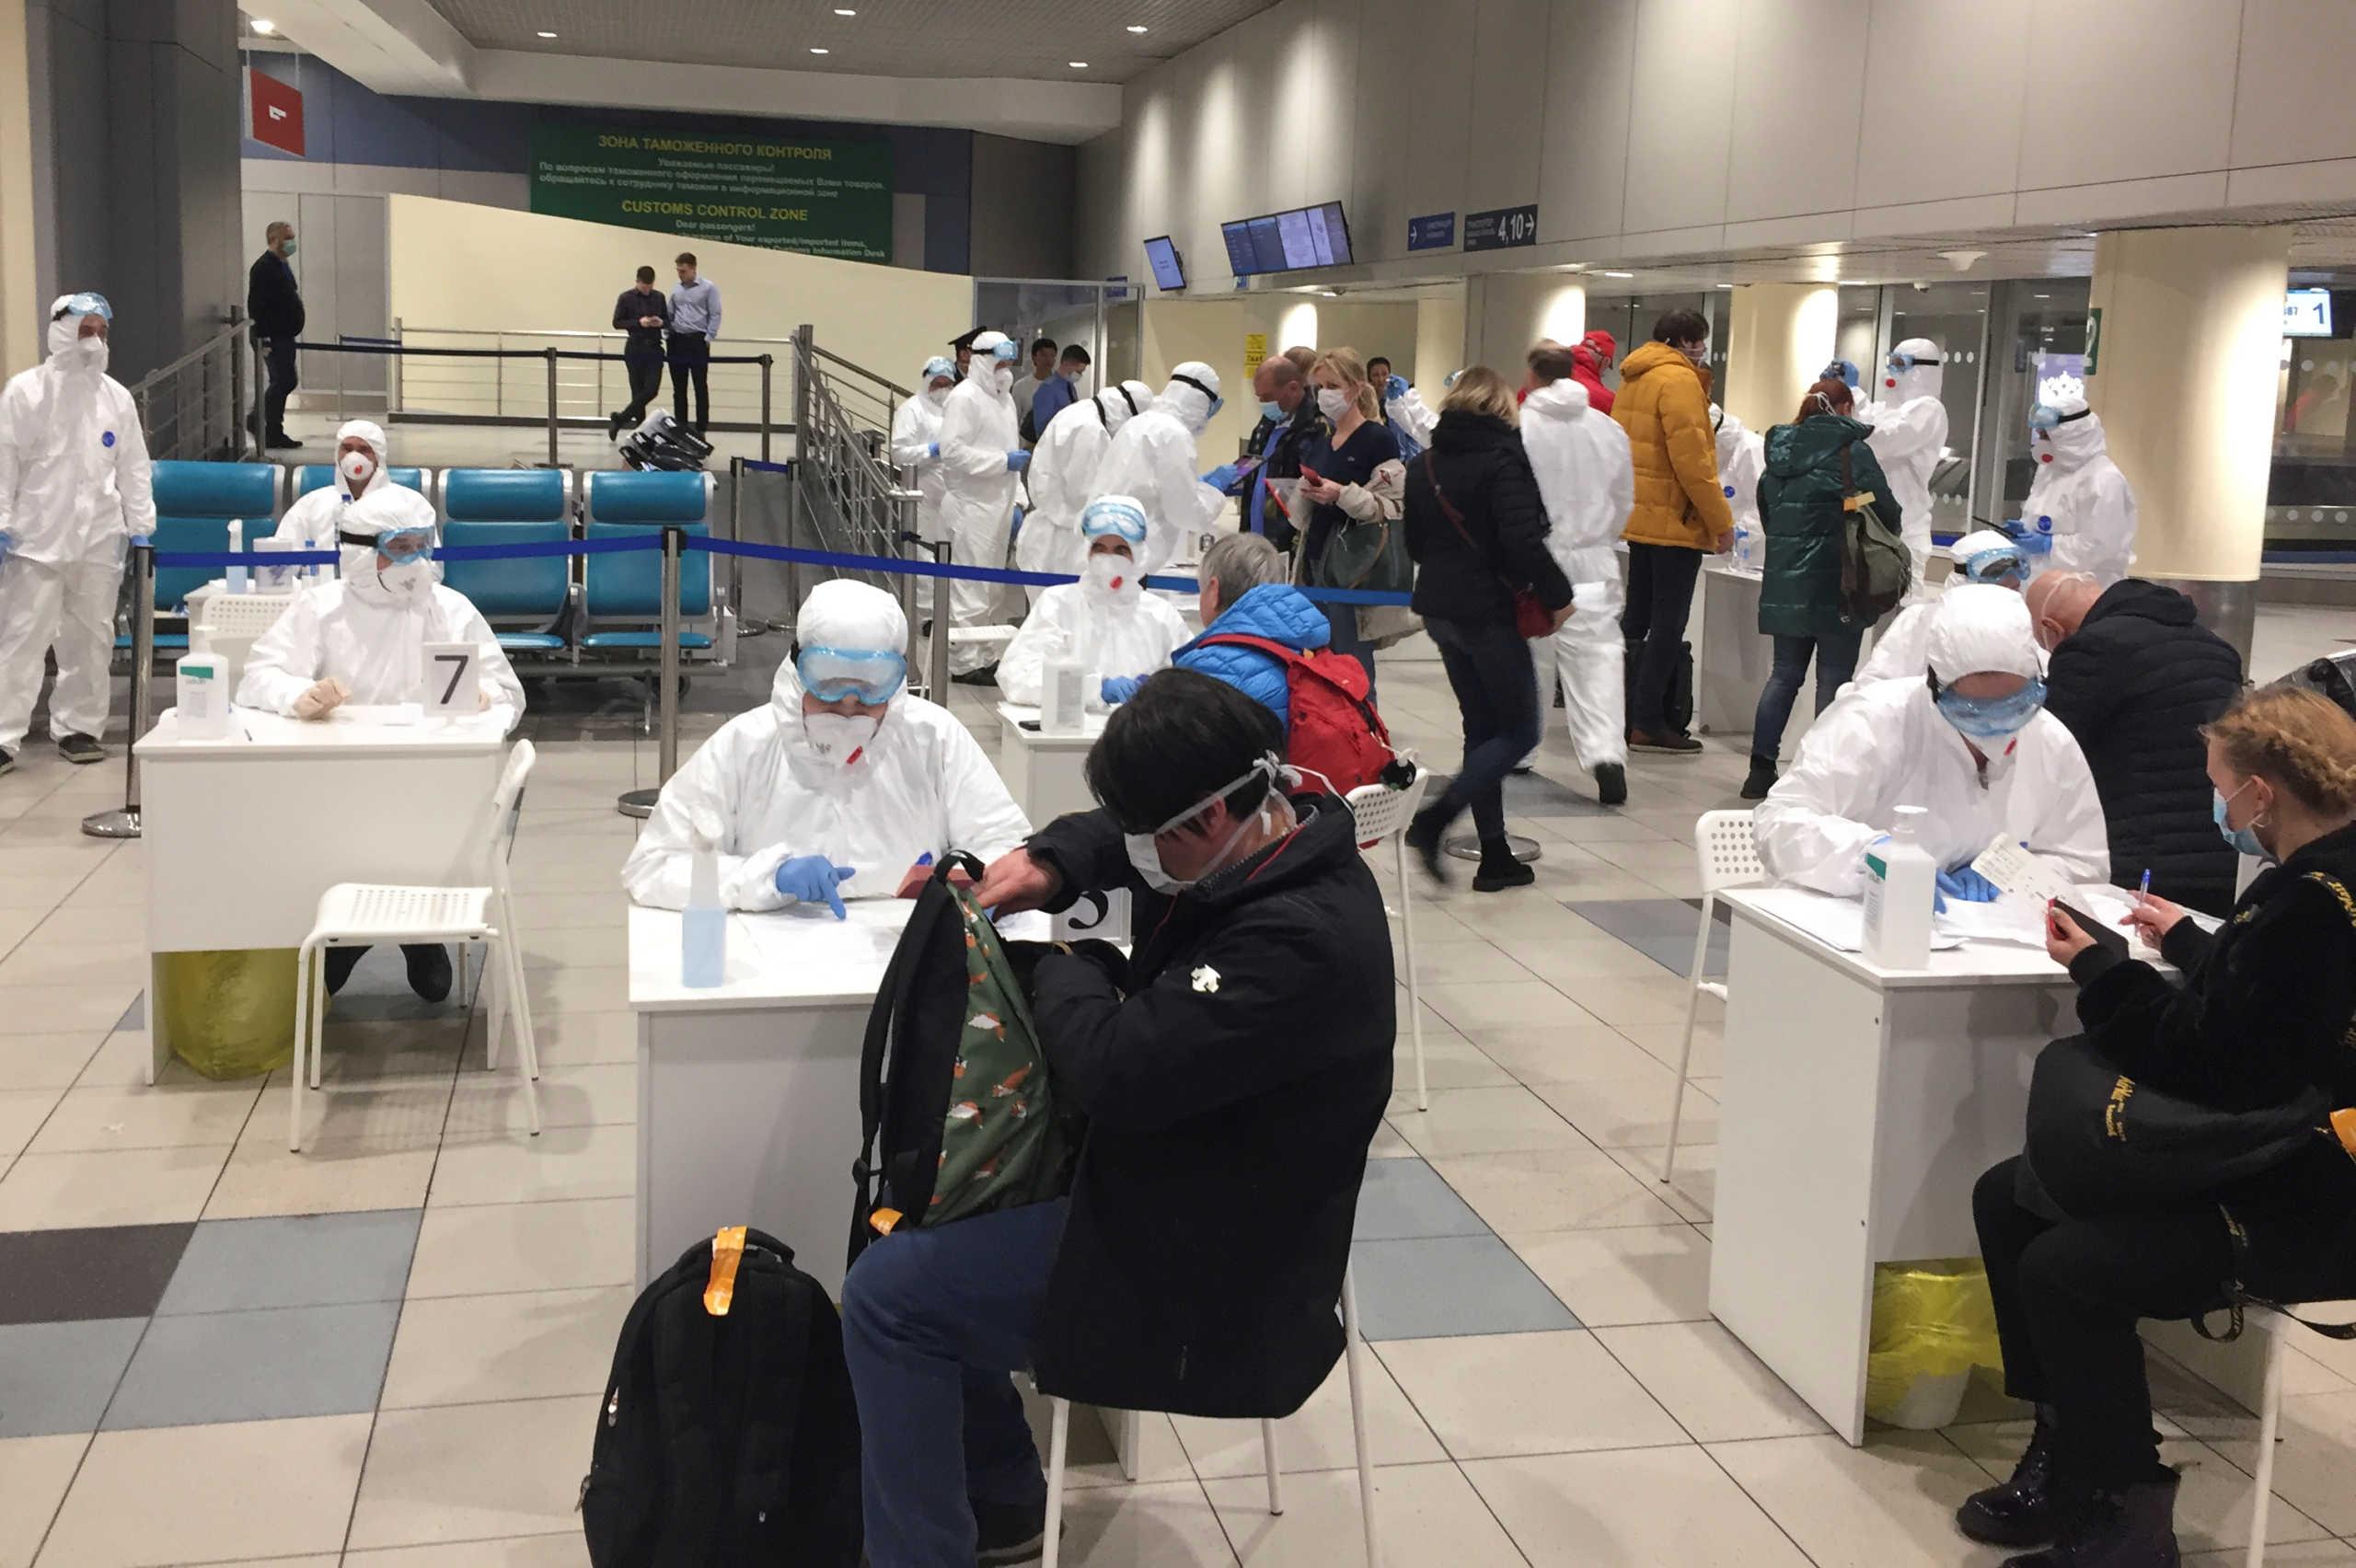 Κορονοϊός: Έξι νέα κρούσματα στη Ρωσία, τέλος οι εκδηλώσεις άνω των 5.000 ατόμων